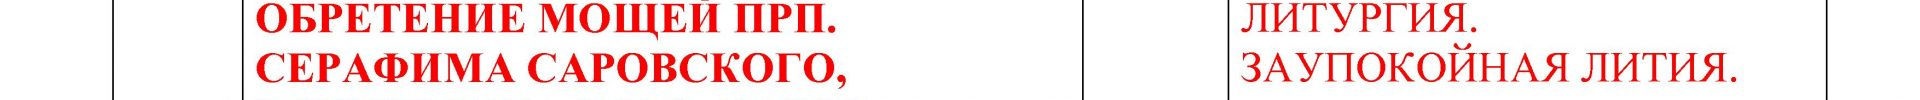 Расписание богослужений Преображенского храма деревни Спас-Каменка на август 2021 года